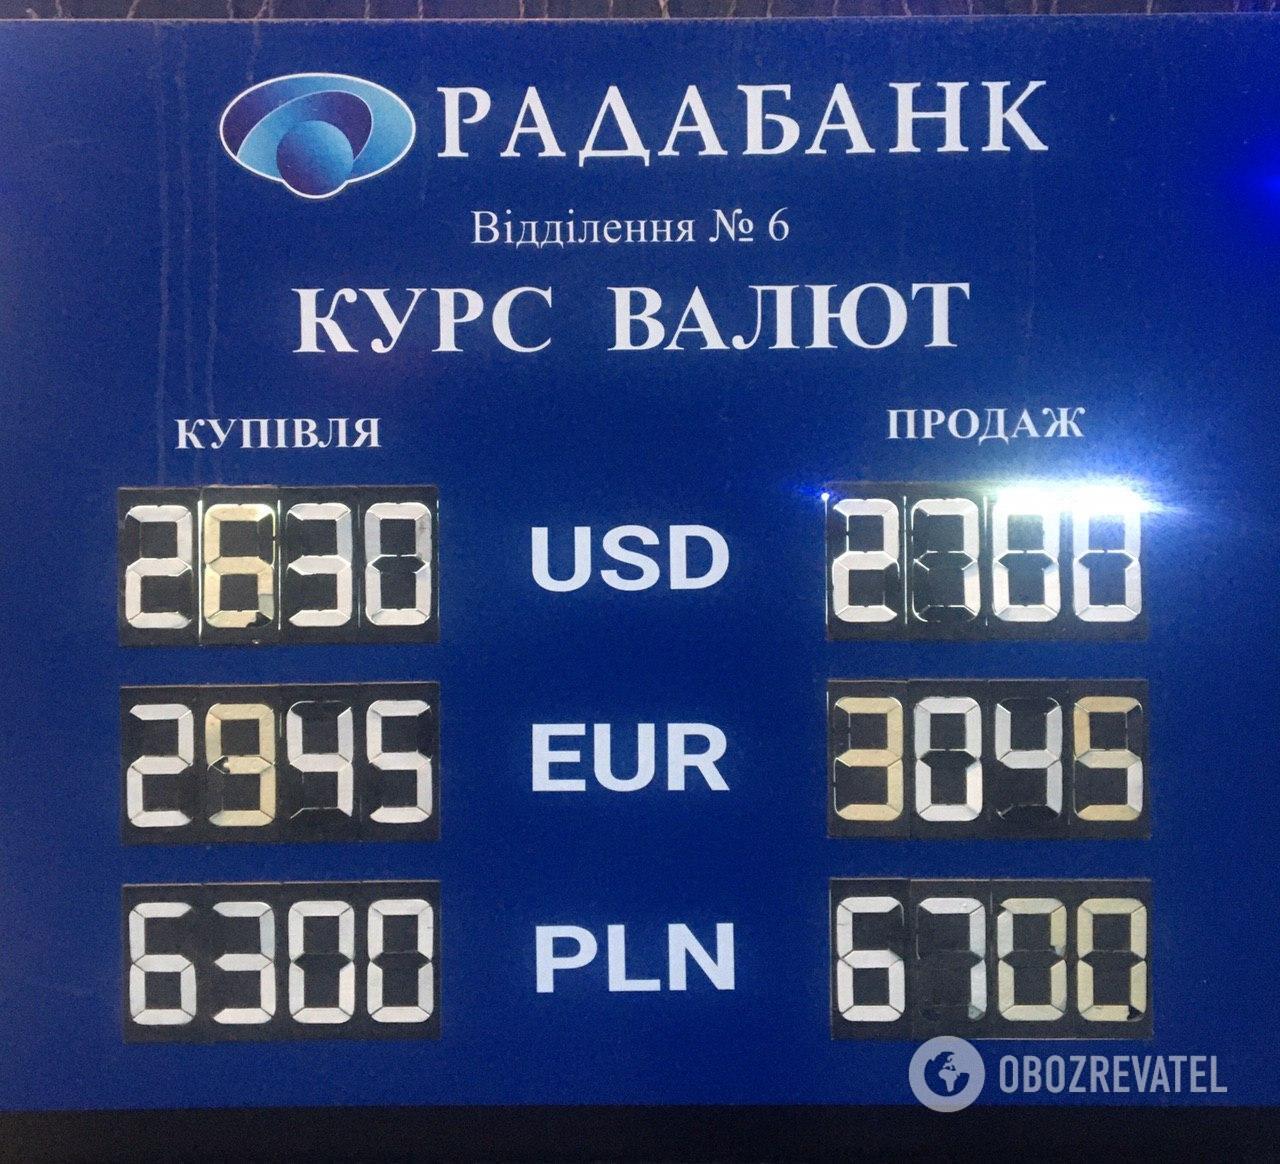 Уже по 27: в обменниках Днепра взлетел курс доллара